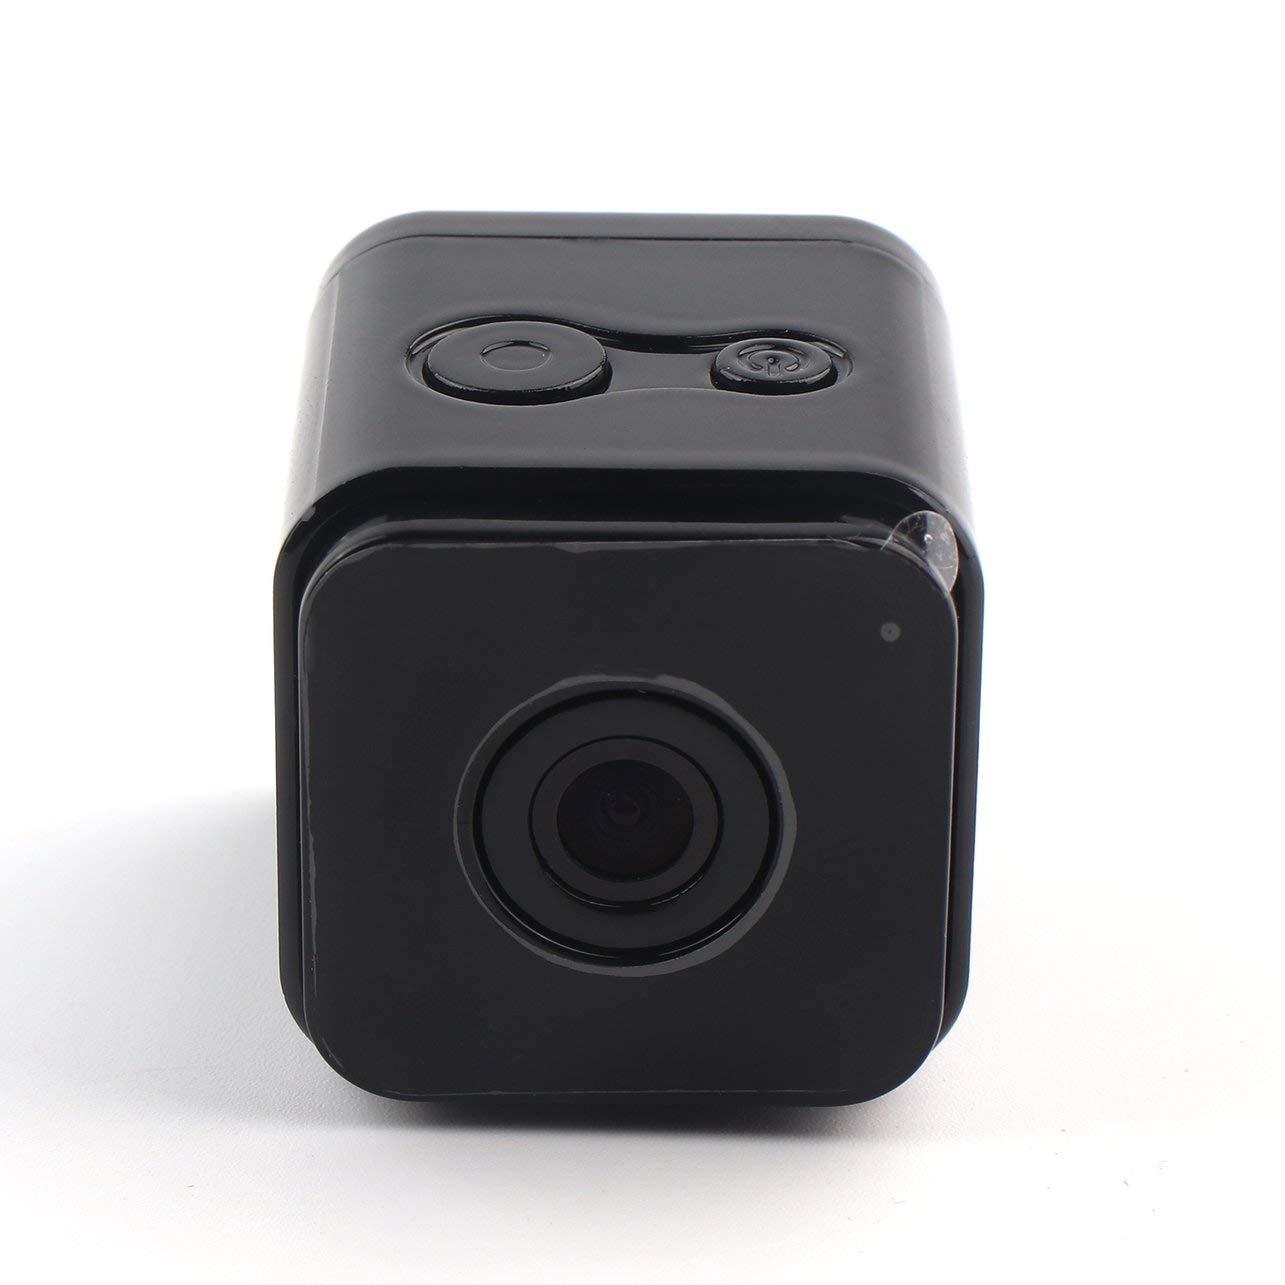 WOSOSYEYO Inteligente Mini HDQ13 WiFi de la cámara de la videocámara HD 1080P visión Nocturna por Infrarrojos Gran Angular acción de los Deportes de DV DVR ...